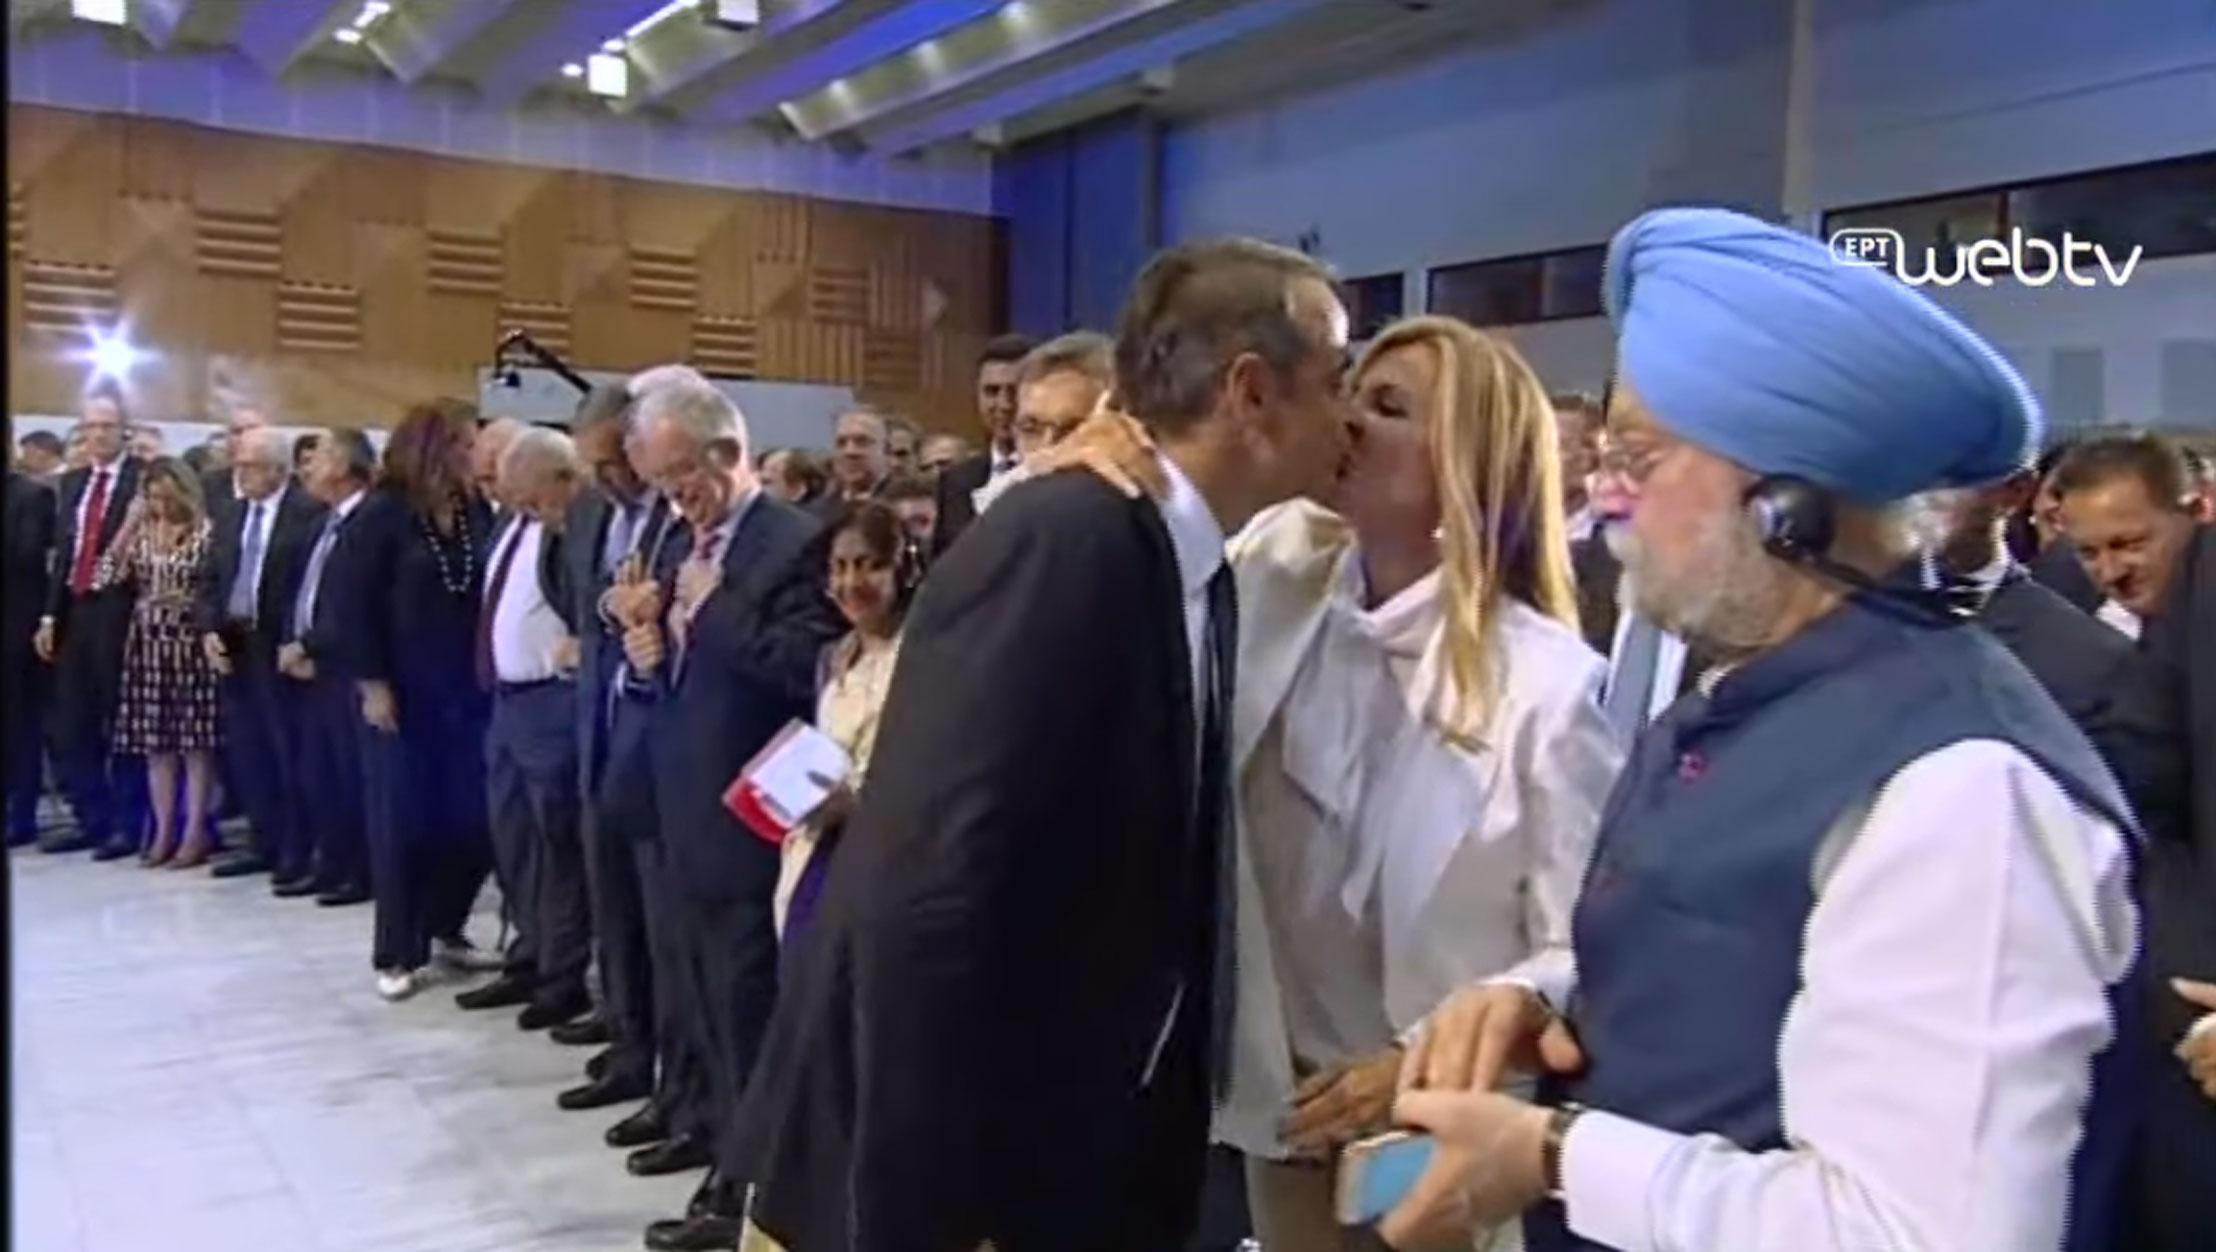 Το φιλί του Κυριάκου Μητσοτάκη στην εντυπωσιακή Μαρέβα – Όλα όσα έγιναν στο Βελλίδειο